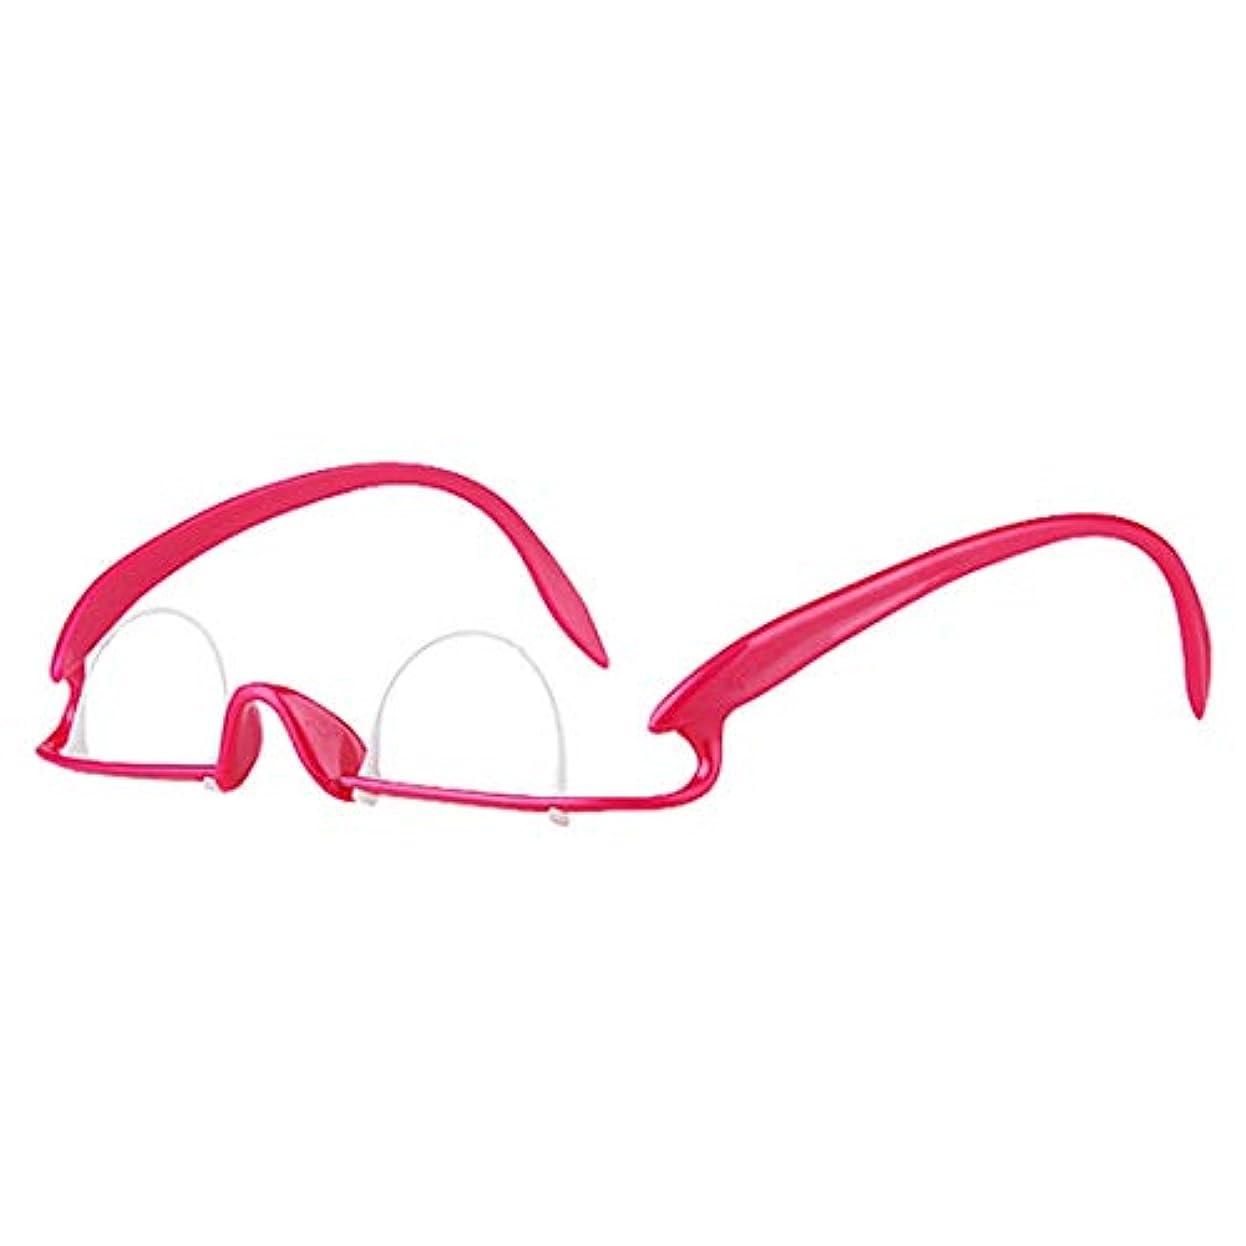 周囲シェルターびっくり億騰 二重まぶた用メガネ 二重まぶた運動 二重まぶた形成 二重まぶた運動器 メガネトレーナー